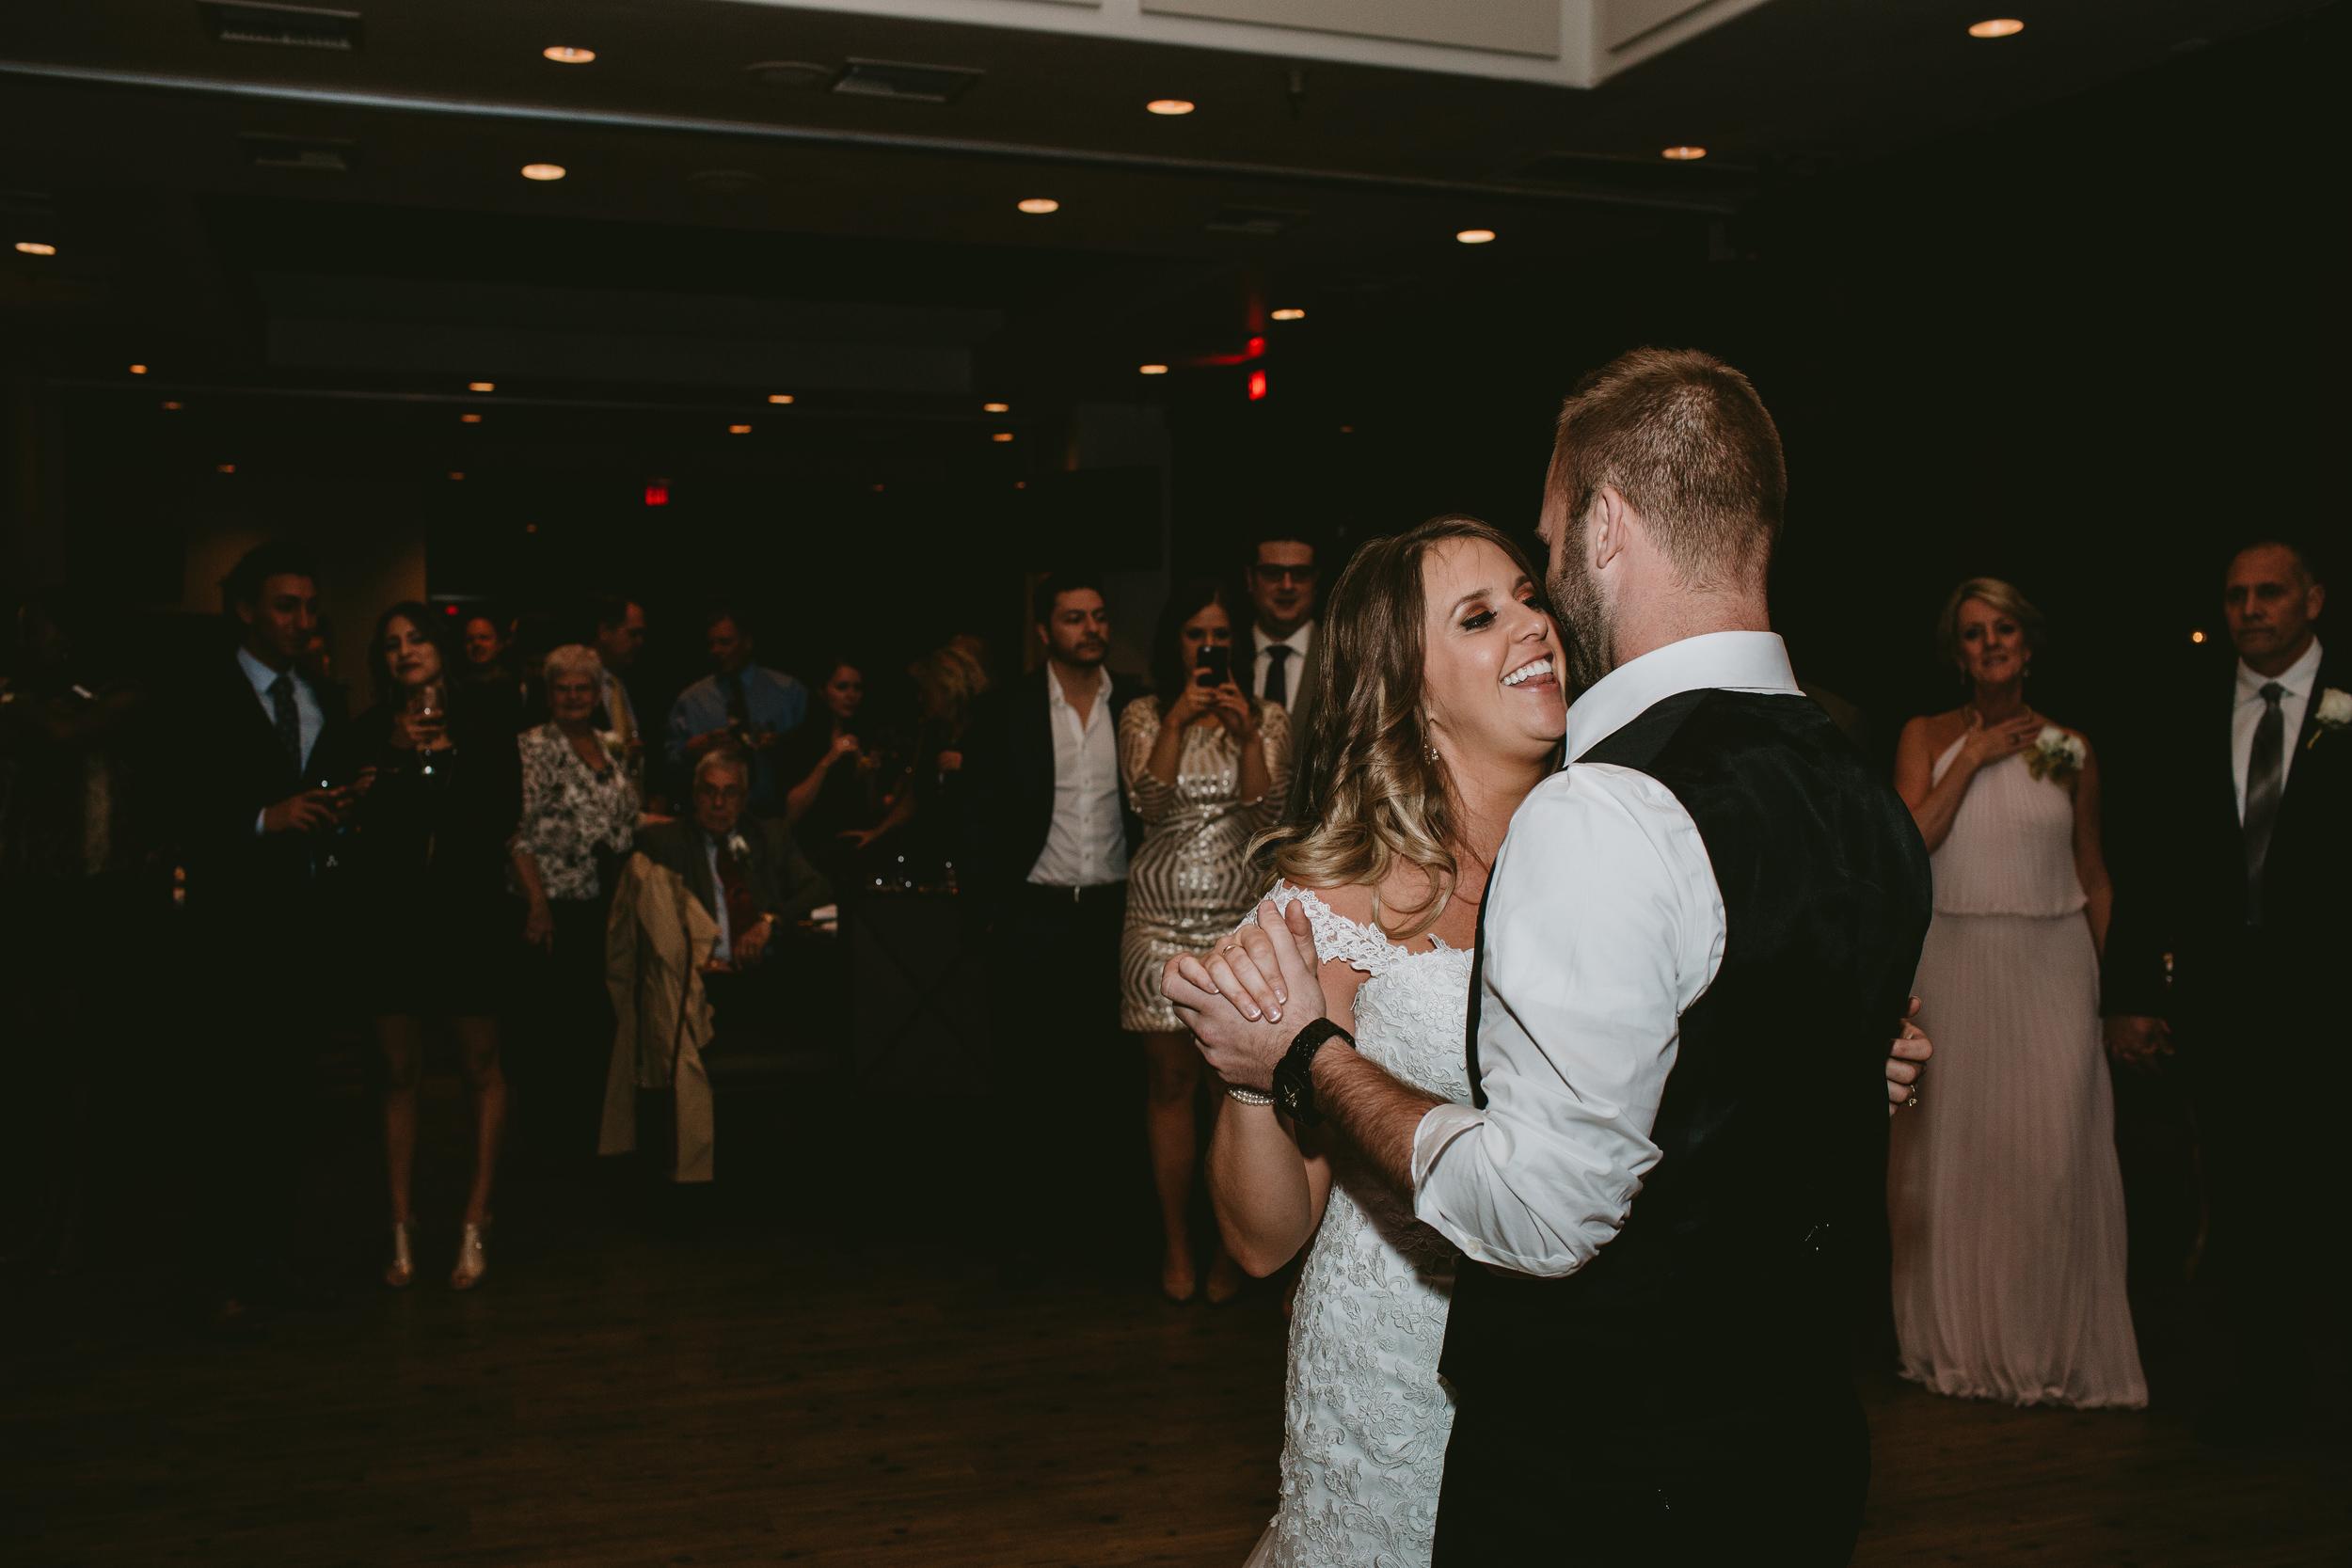 las vegas first dance